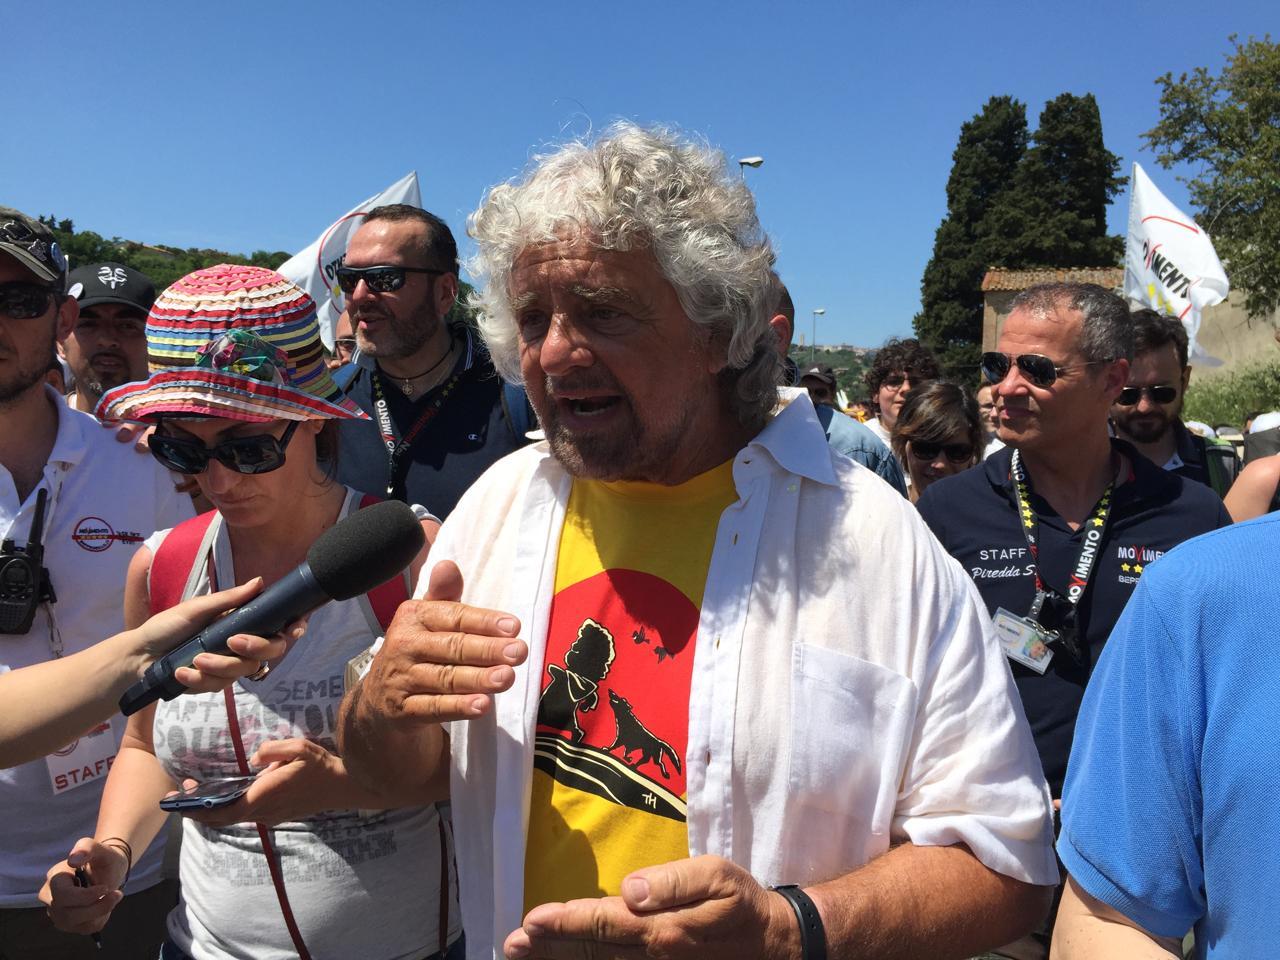 """La marcia di Grillo Perugia-Assisi per il reddito di cittadinanza: """"Puo' diventare realta"""". Accuse a Veronesi sulle mammografie, Lorenzin: """"Propaganda"""""""